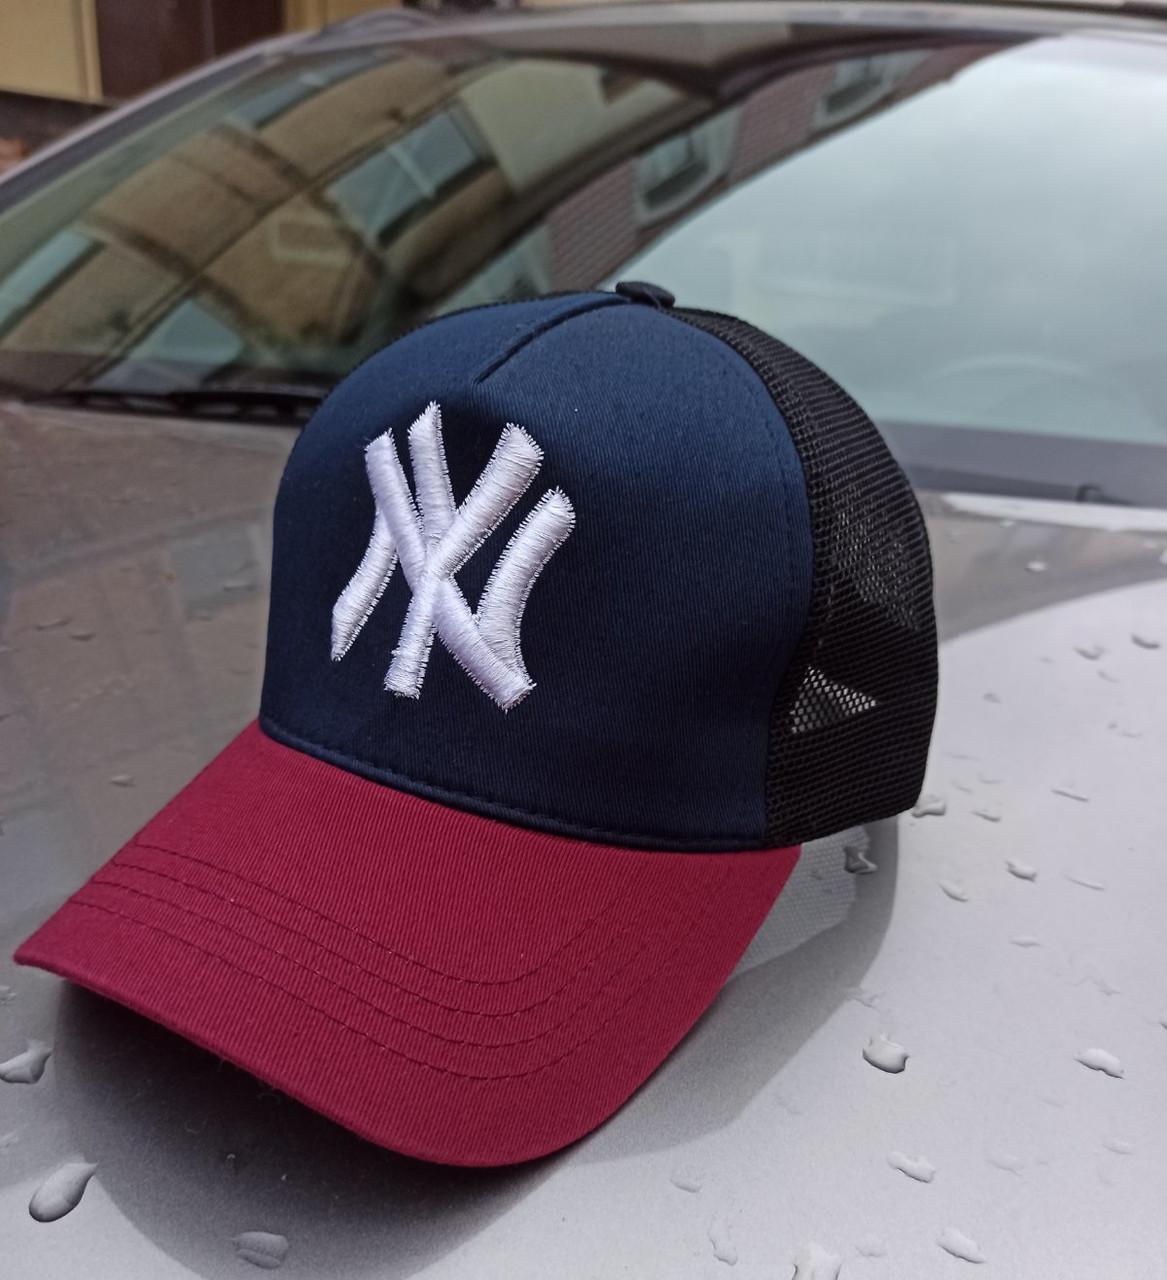 Бейсболка кепка модна літня прогулянкова чоловіча з сіткою спортивна в різних кольорах